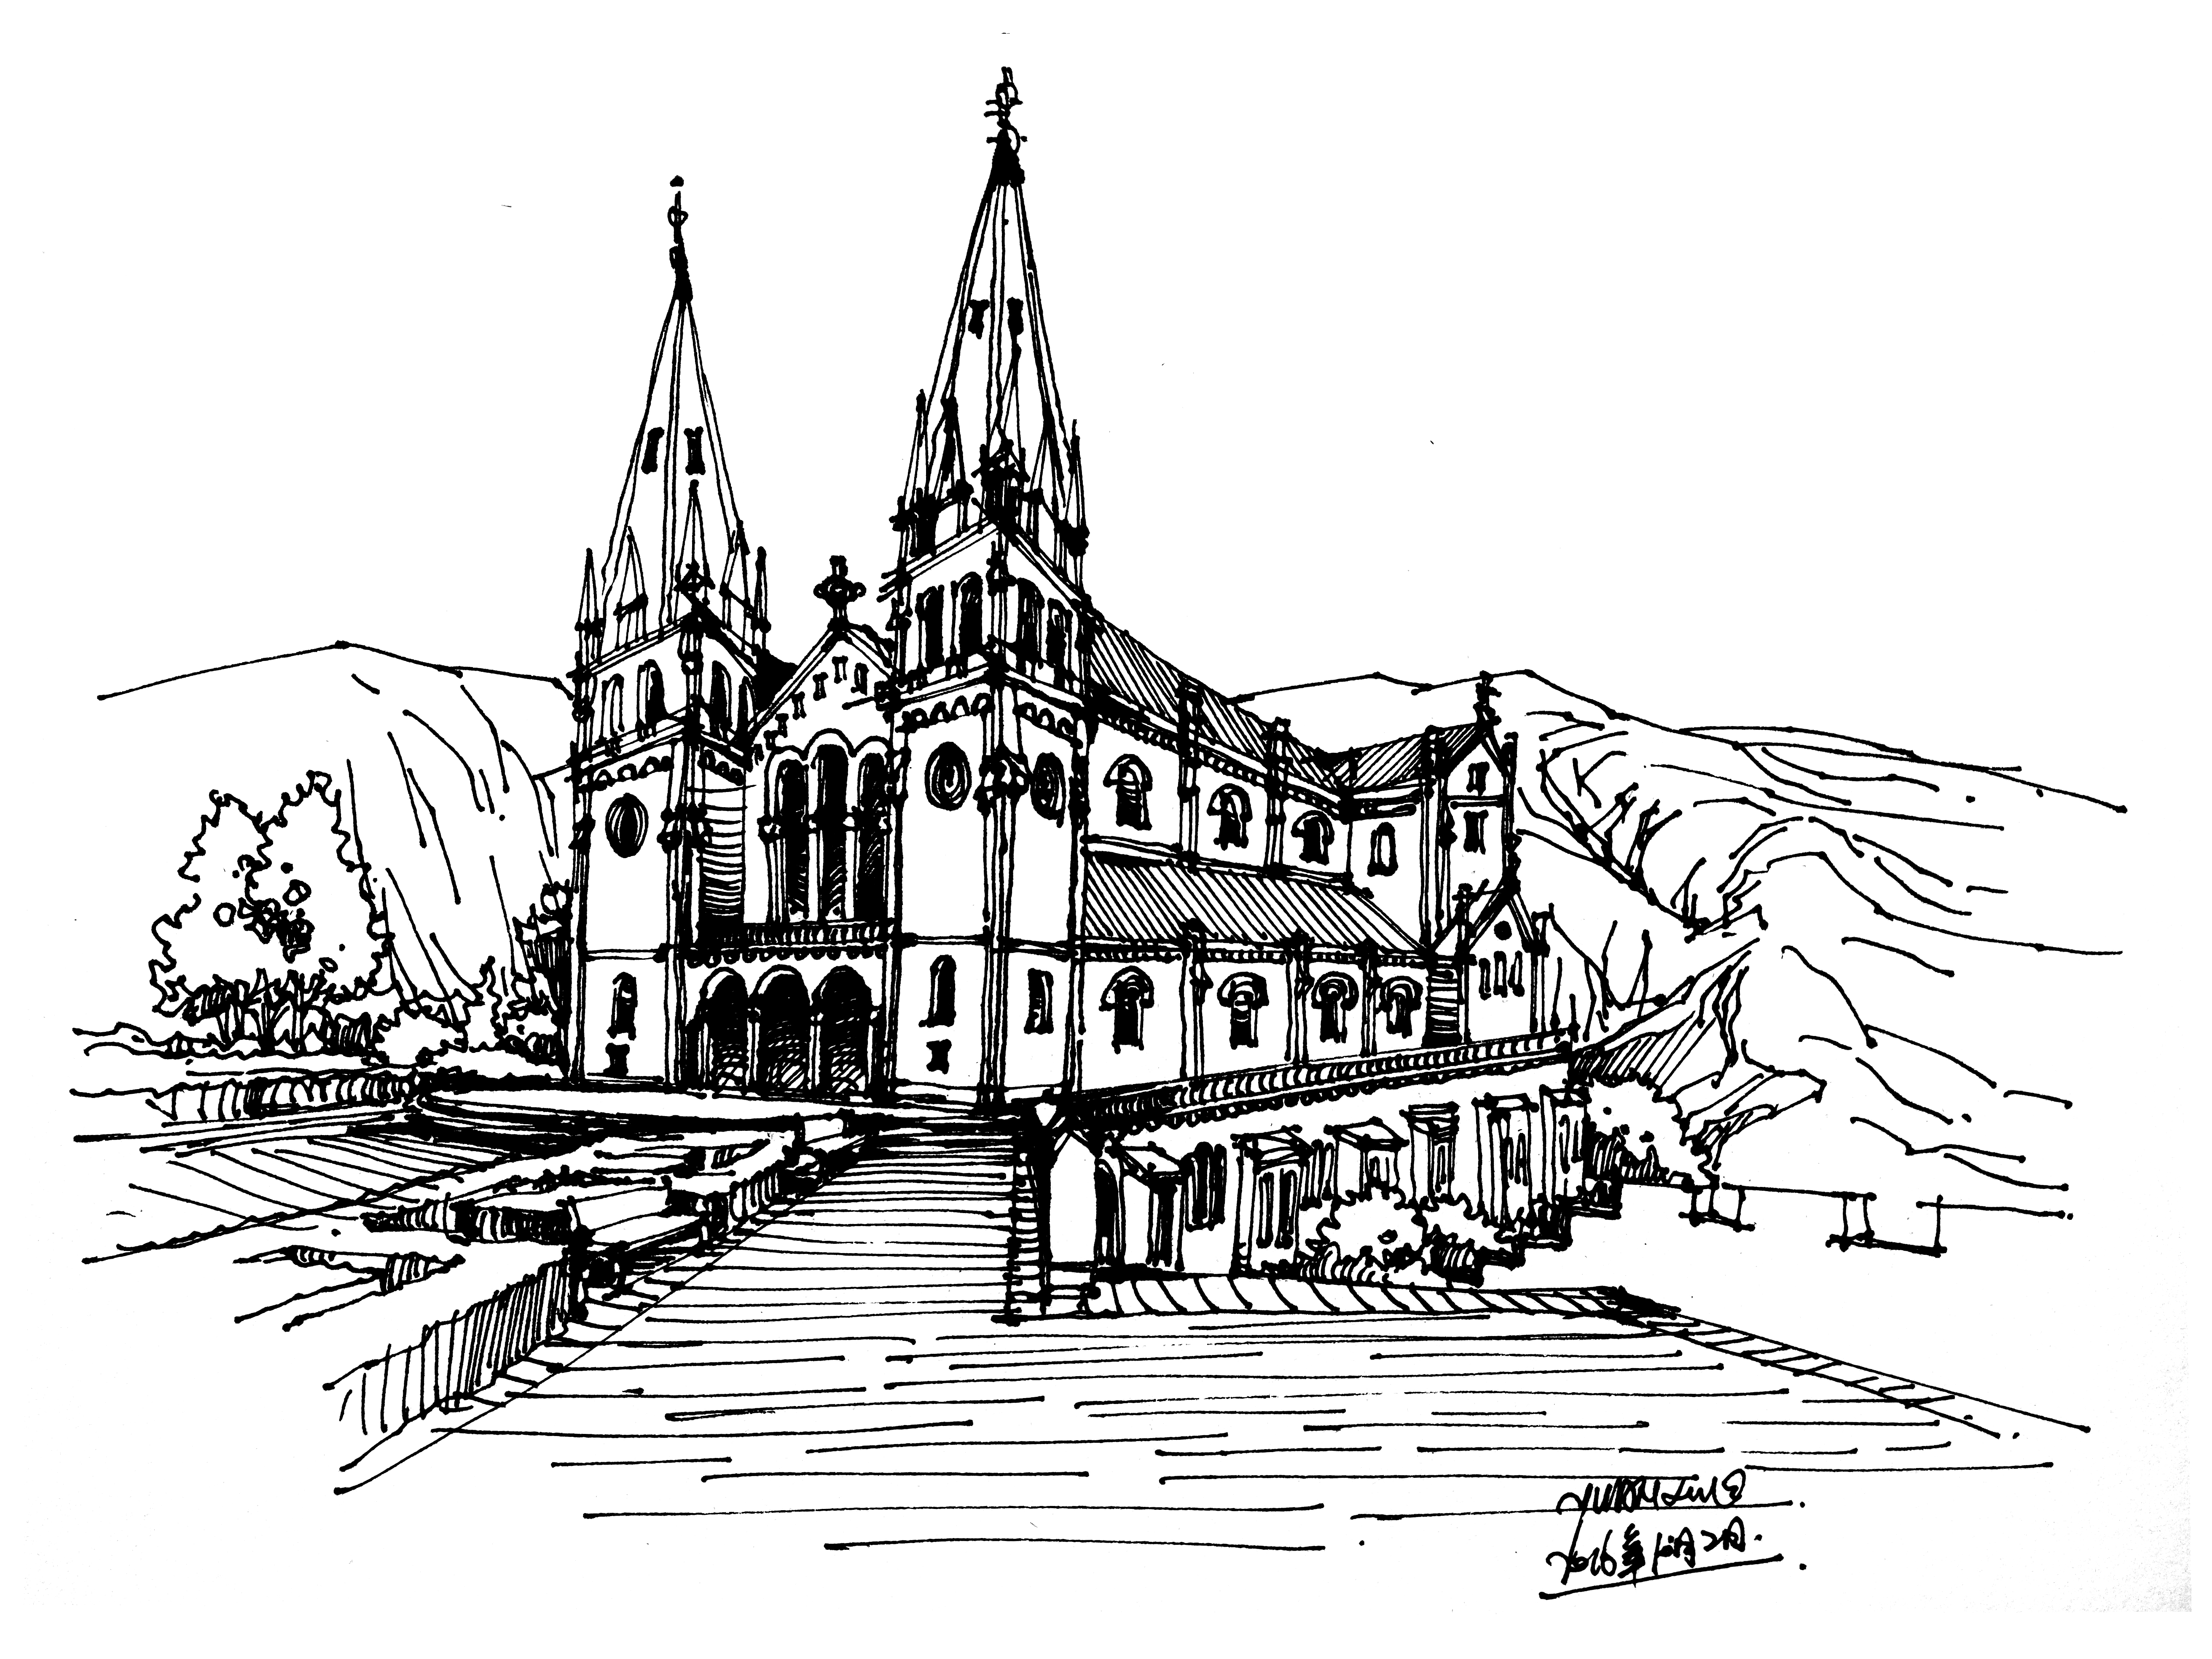 发一波近期钢笔手绘建筑作品|插画|插画习作|白鹿猿社